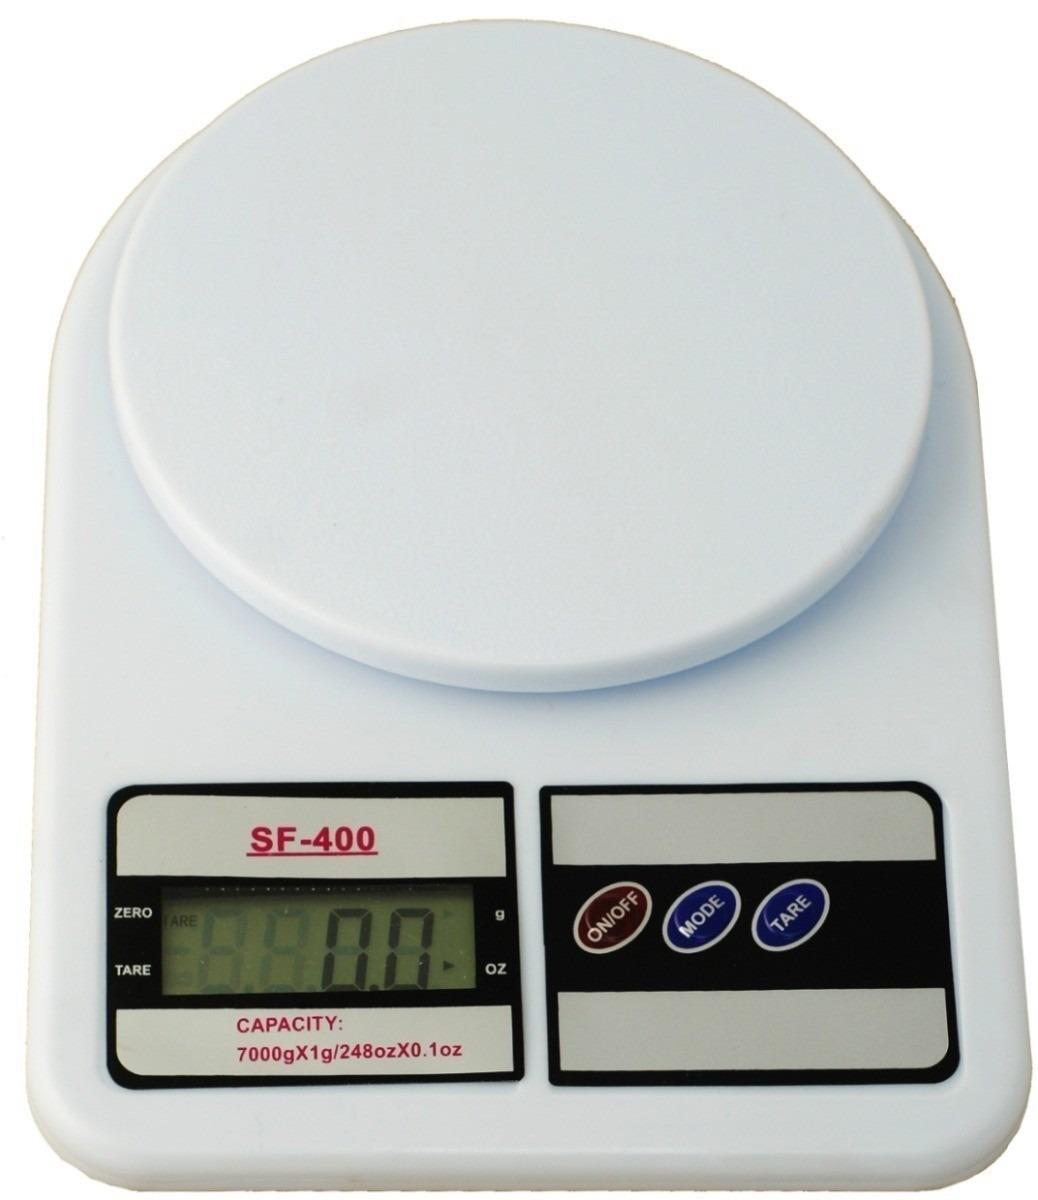 Balança Digital Eletrônica Até 7 Kg De Precisão Em Curitiba R$  #505B3A 1038x1200 Balança Digital Para Banheiro Em Bh